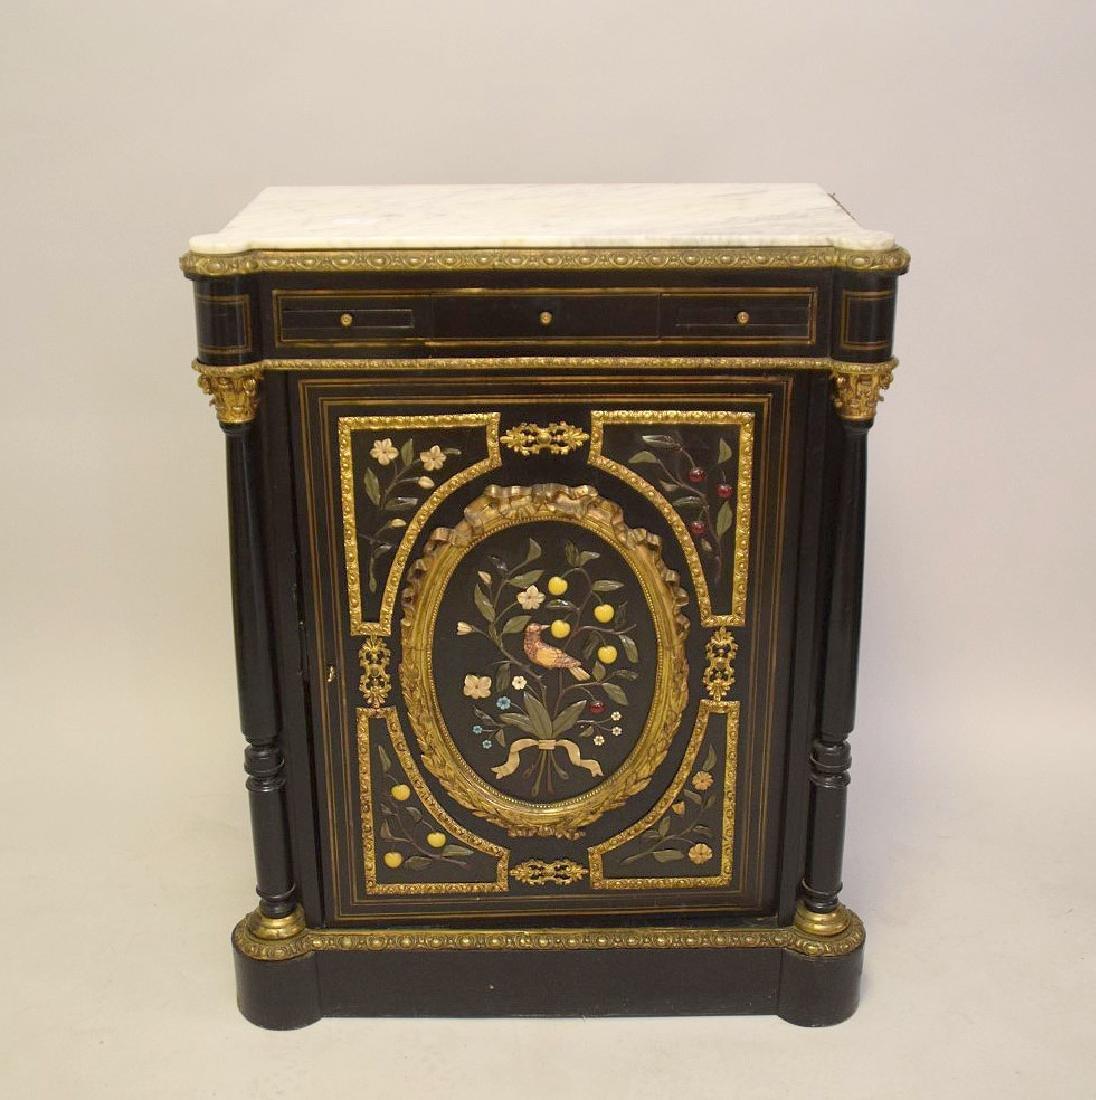 French Louis Phillippe/Empire Style Ebonized, Hardstone